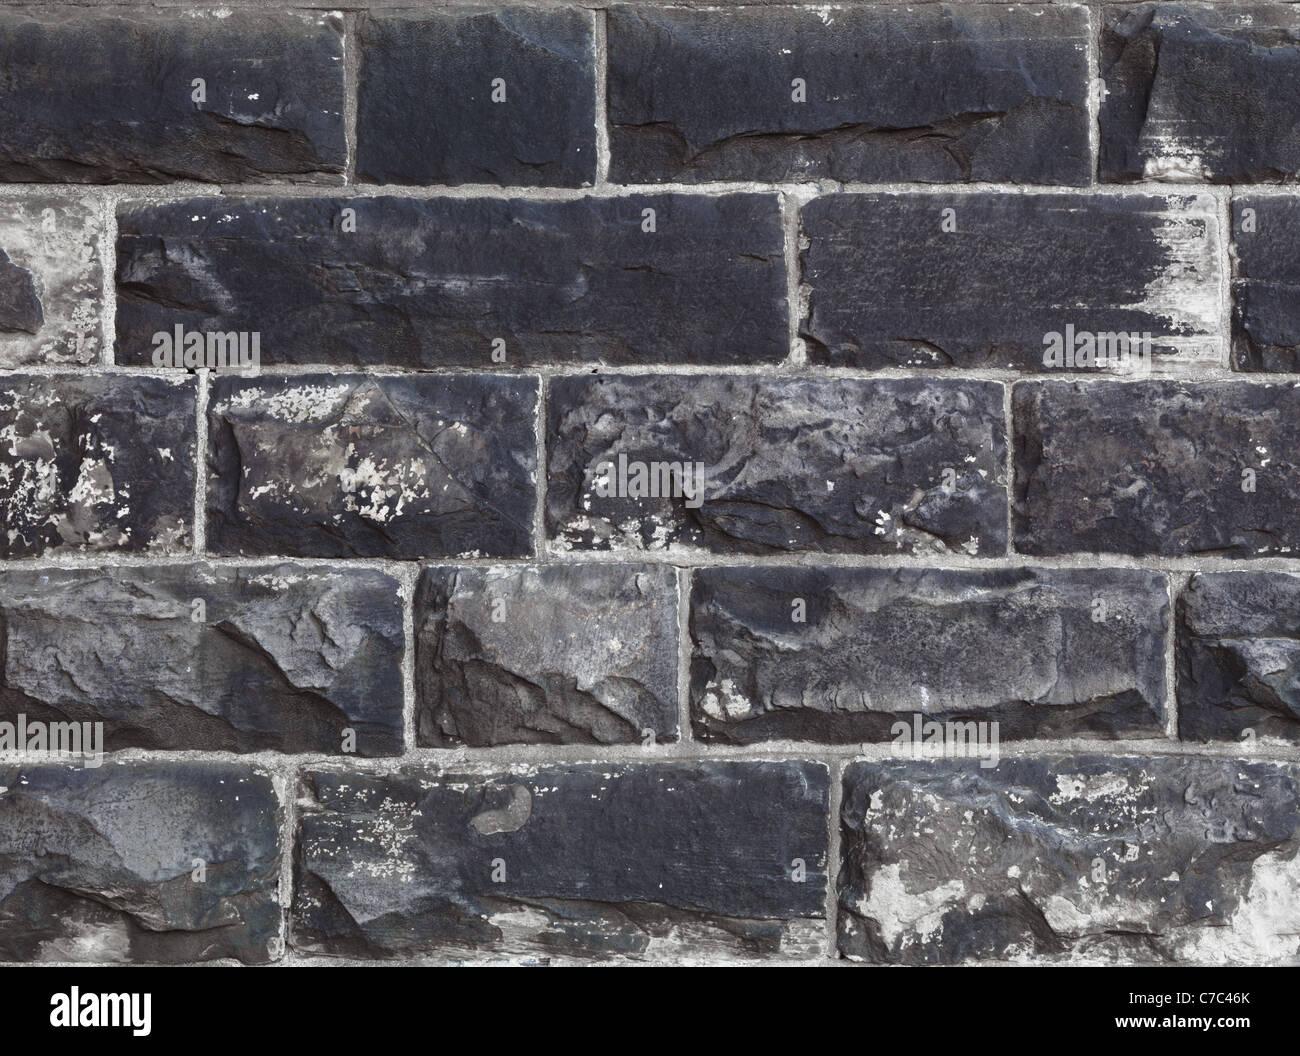 Vieux Mur de pierre de style gothique texture background. Photo haute résolution de haute qualité. Photo Stock